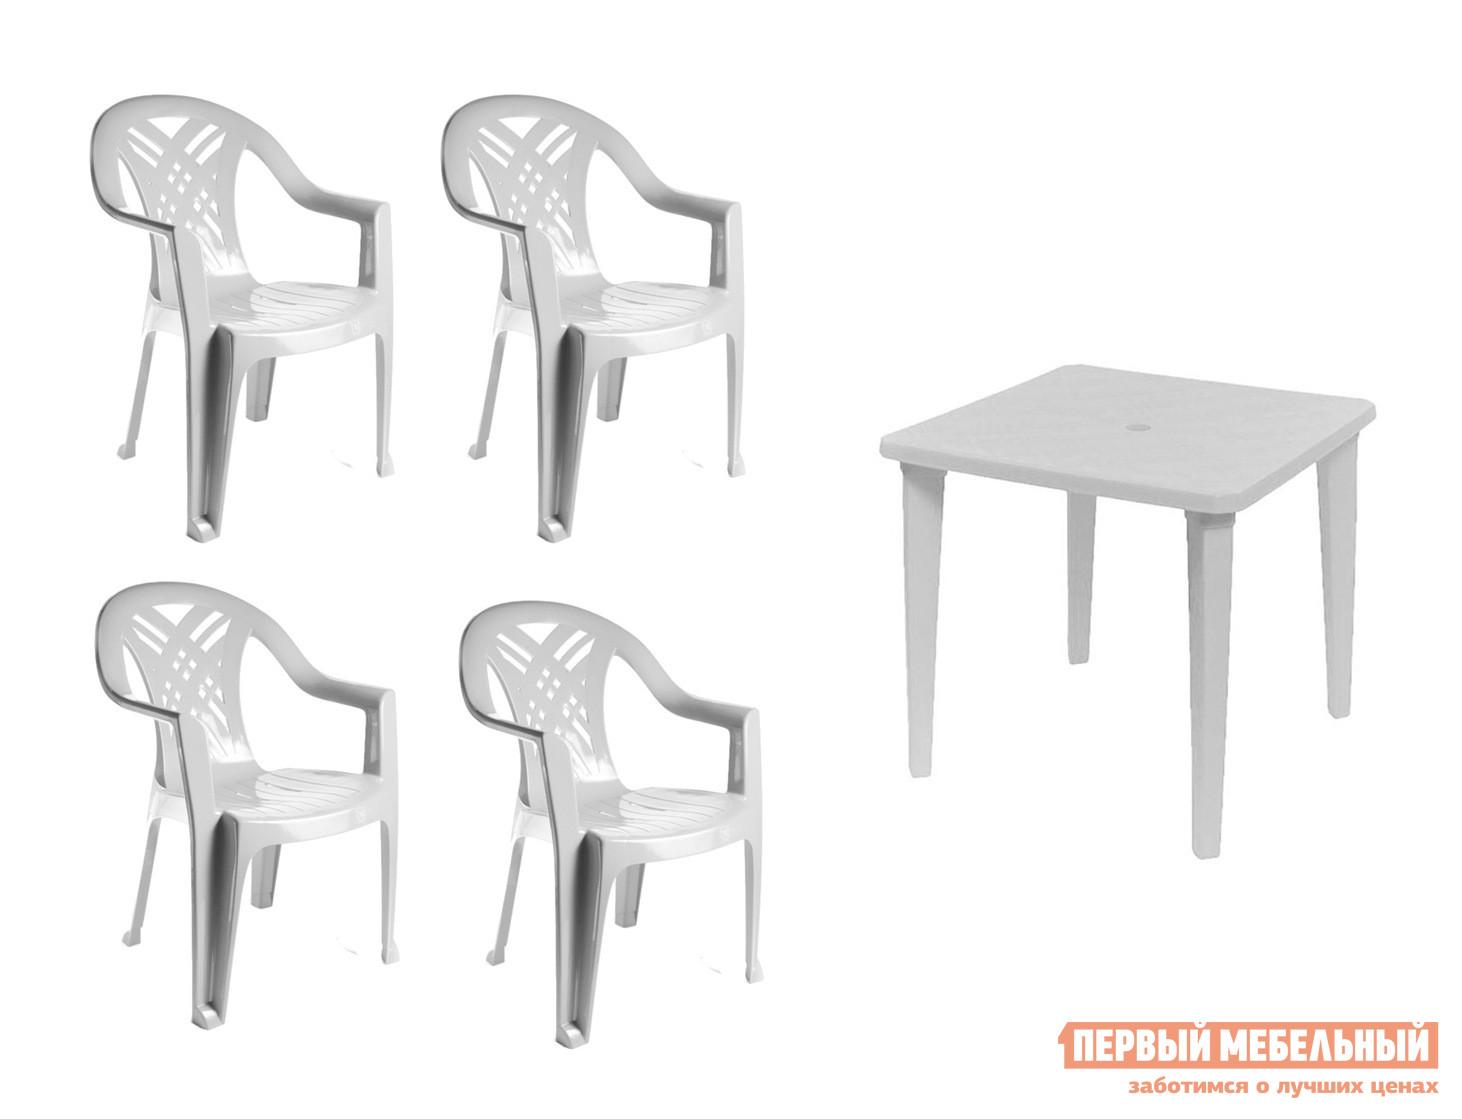 Набор пластиковой мебели Стандарт Пластик Стол квадратный (800х800х710)+Кресло №6 Престиж-2 (660x600x840мм), 4 шт. БелыйНаборы пластиковой мебели<br>Габаритные размеры ВхШхГ xx мм. Набор пластиковой мебели для организации дачного застолья на свежем воздухе.  Также такая мебель подойдет для уличных кафе. Каждое кресло рассчитано на максимальный вес 120 кг. Размеры элементов:Стол: 710 Х 800 Х 800 мм, вес 5 кг; Кресло: 840 Х 660 Х 600 мм, вес 2. 4 кг. Кресла поставляются в собранном виде.  Стол разобран – для сборки стола необходимо вкрутить ножки в столешницу.<br><br>Цвет: Белый<br>Кол-во упаковок: 5<br>Форма поставки: В разобранном виде<br>Срок гарантии: 1 год<br>Тип: На 4 персоны